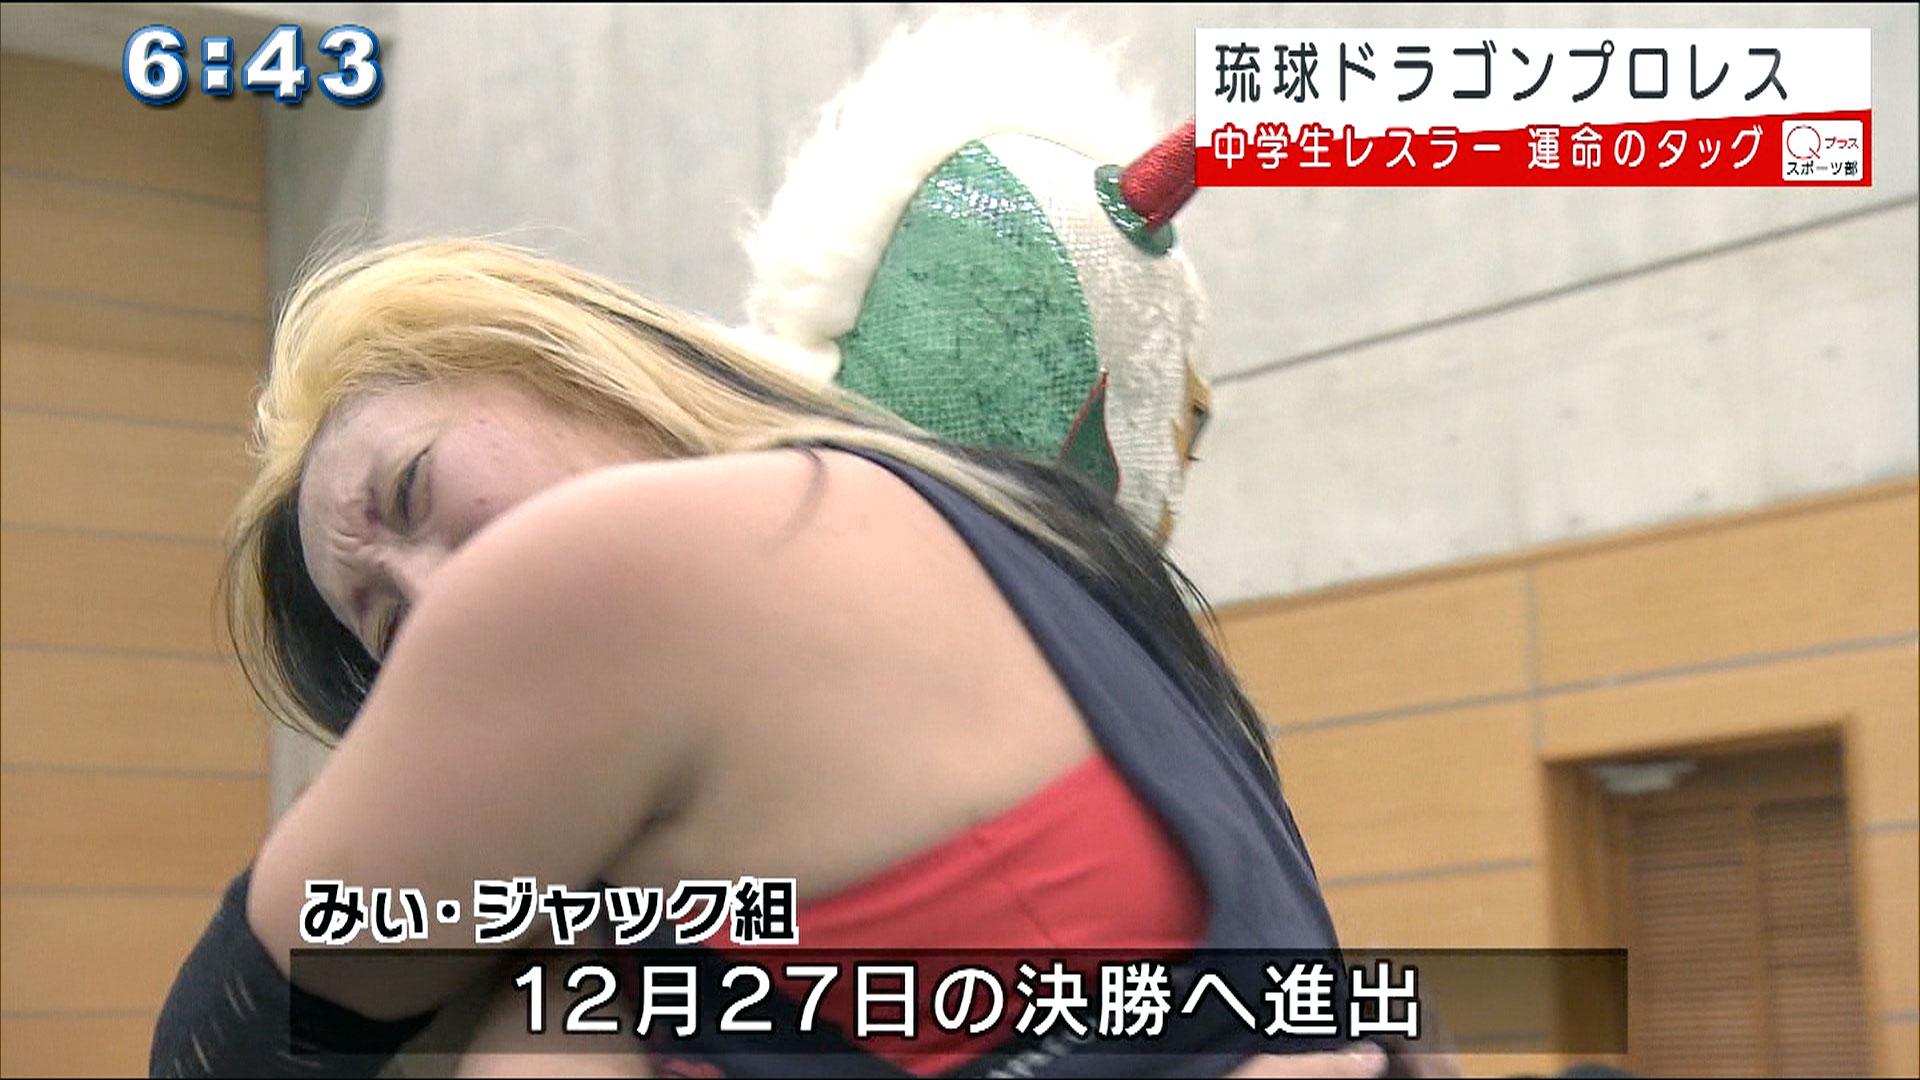 琉球ドラゴンプロレス中学生レスラー運命のタッグ